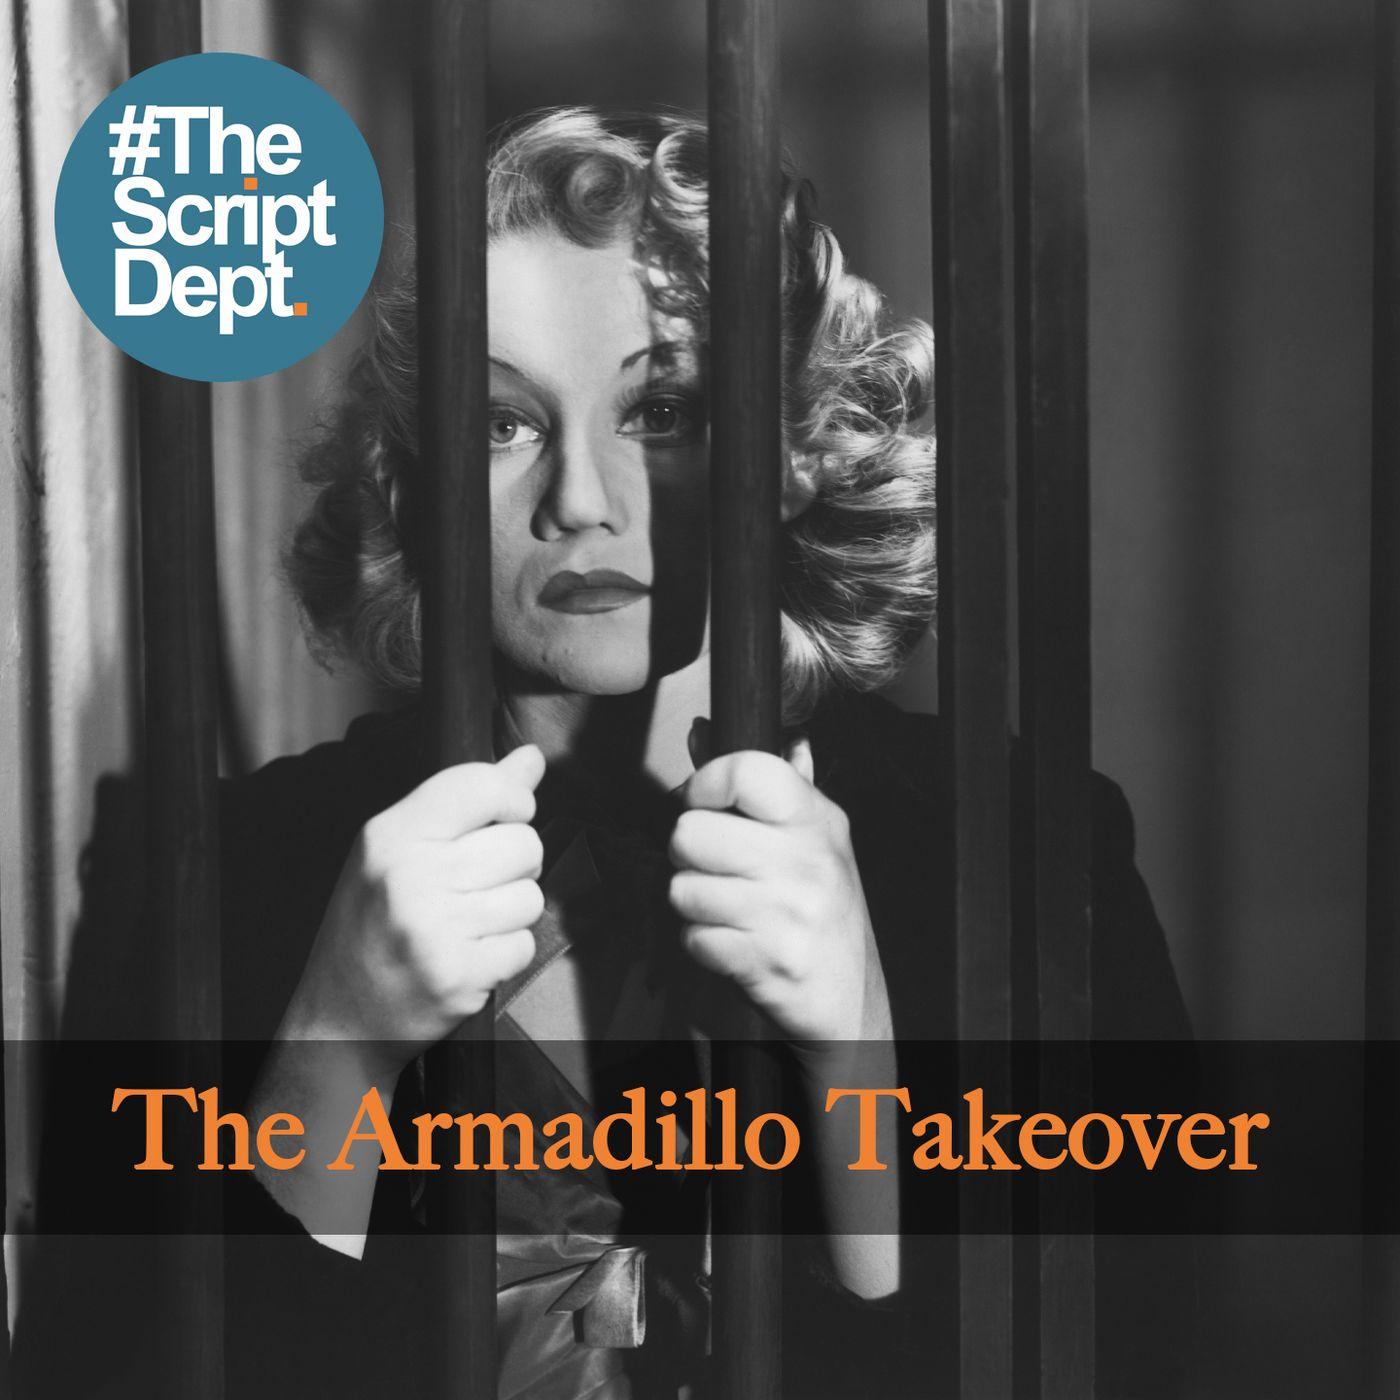 The Armadillo Takeover | Prison Comedy